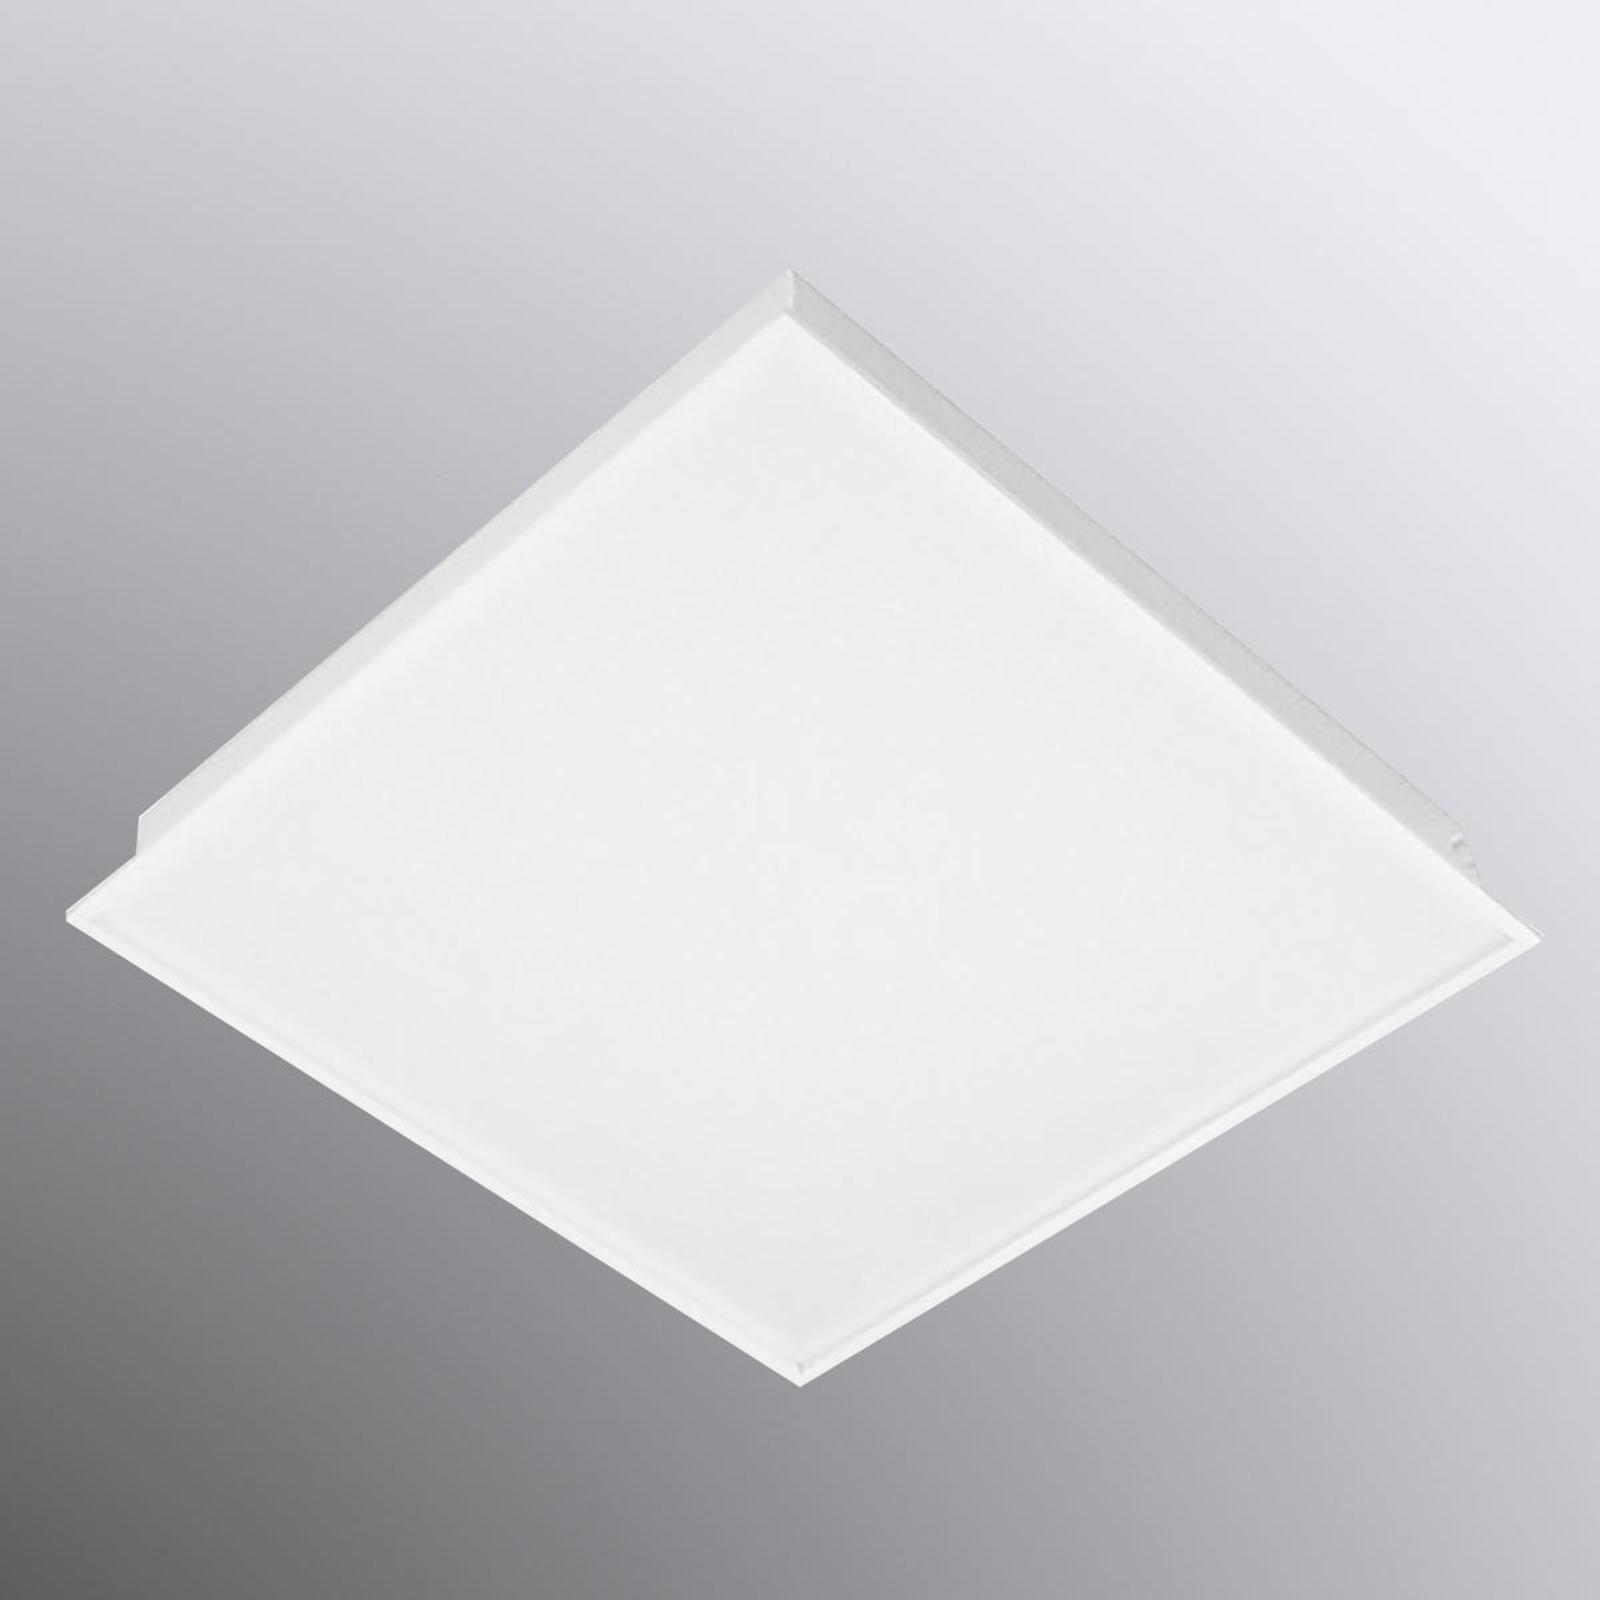 IBP PMMA-dekke LED-innfellingspanel, 32W, 3000K